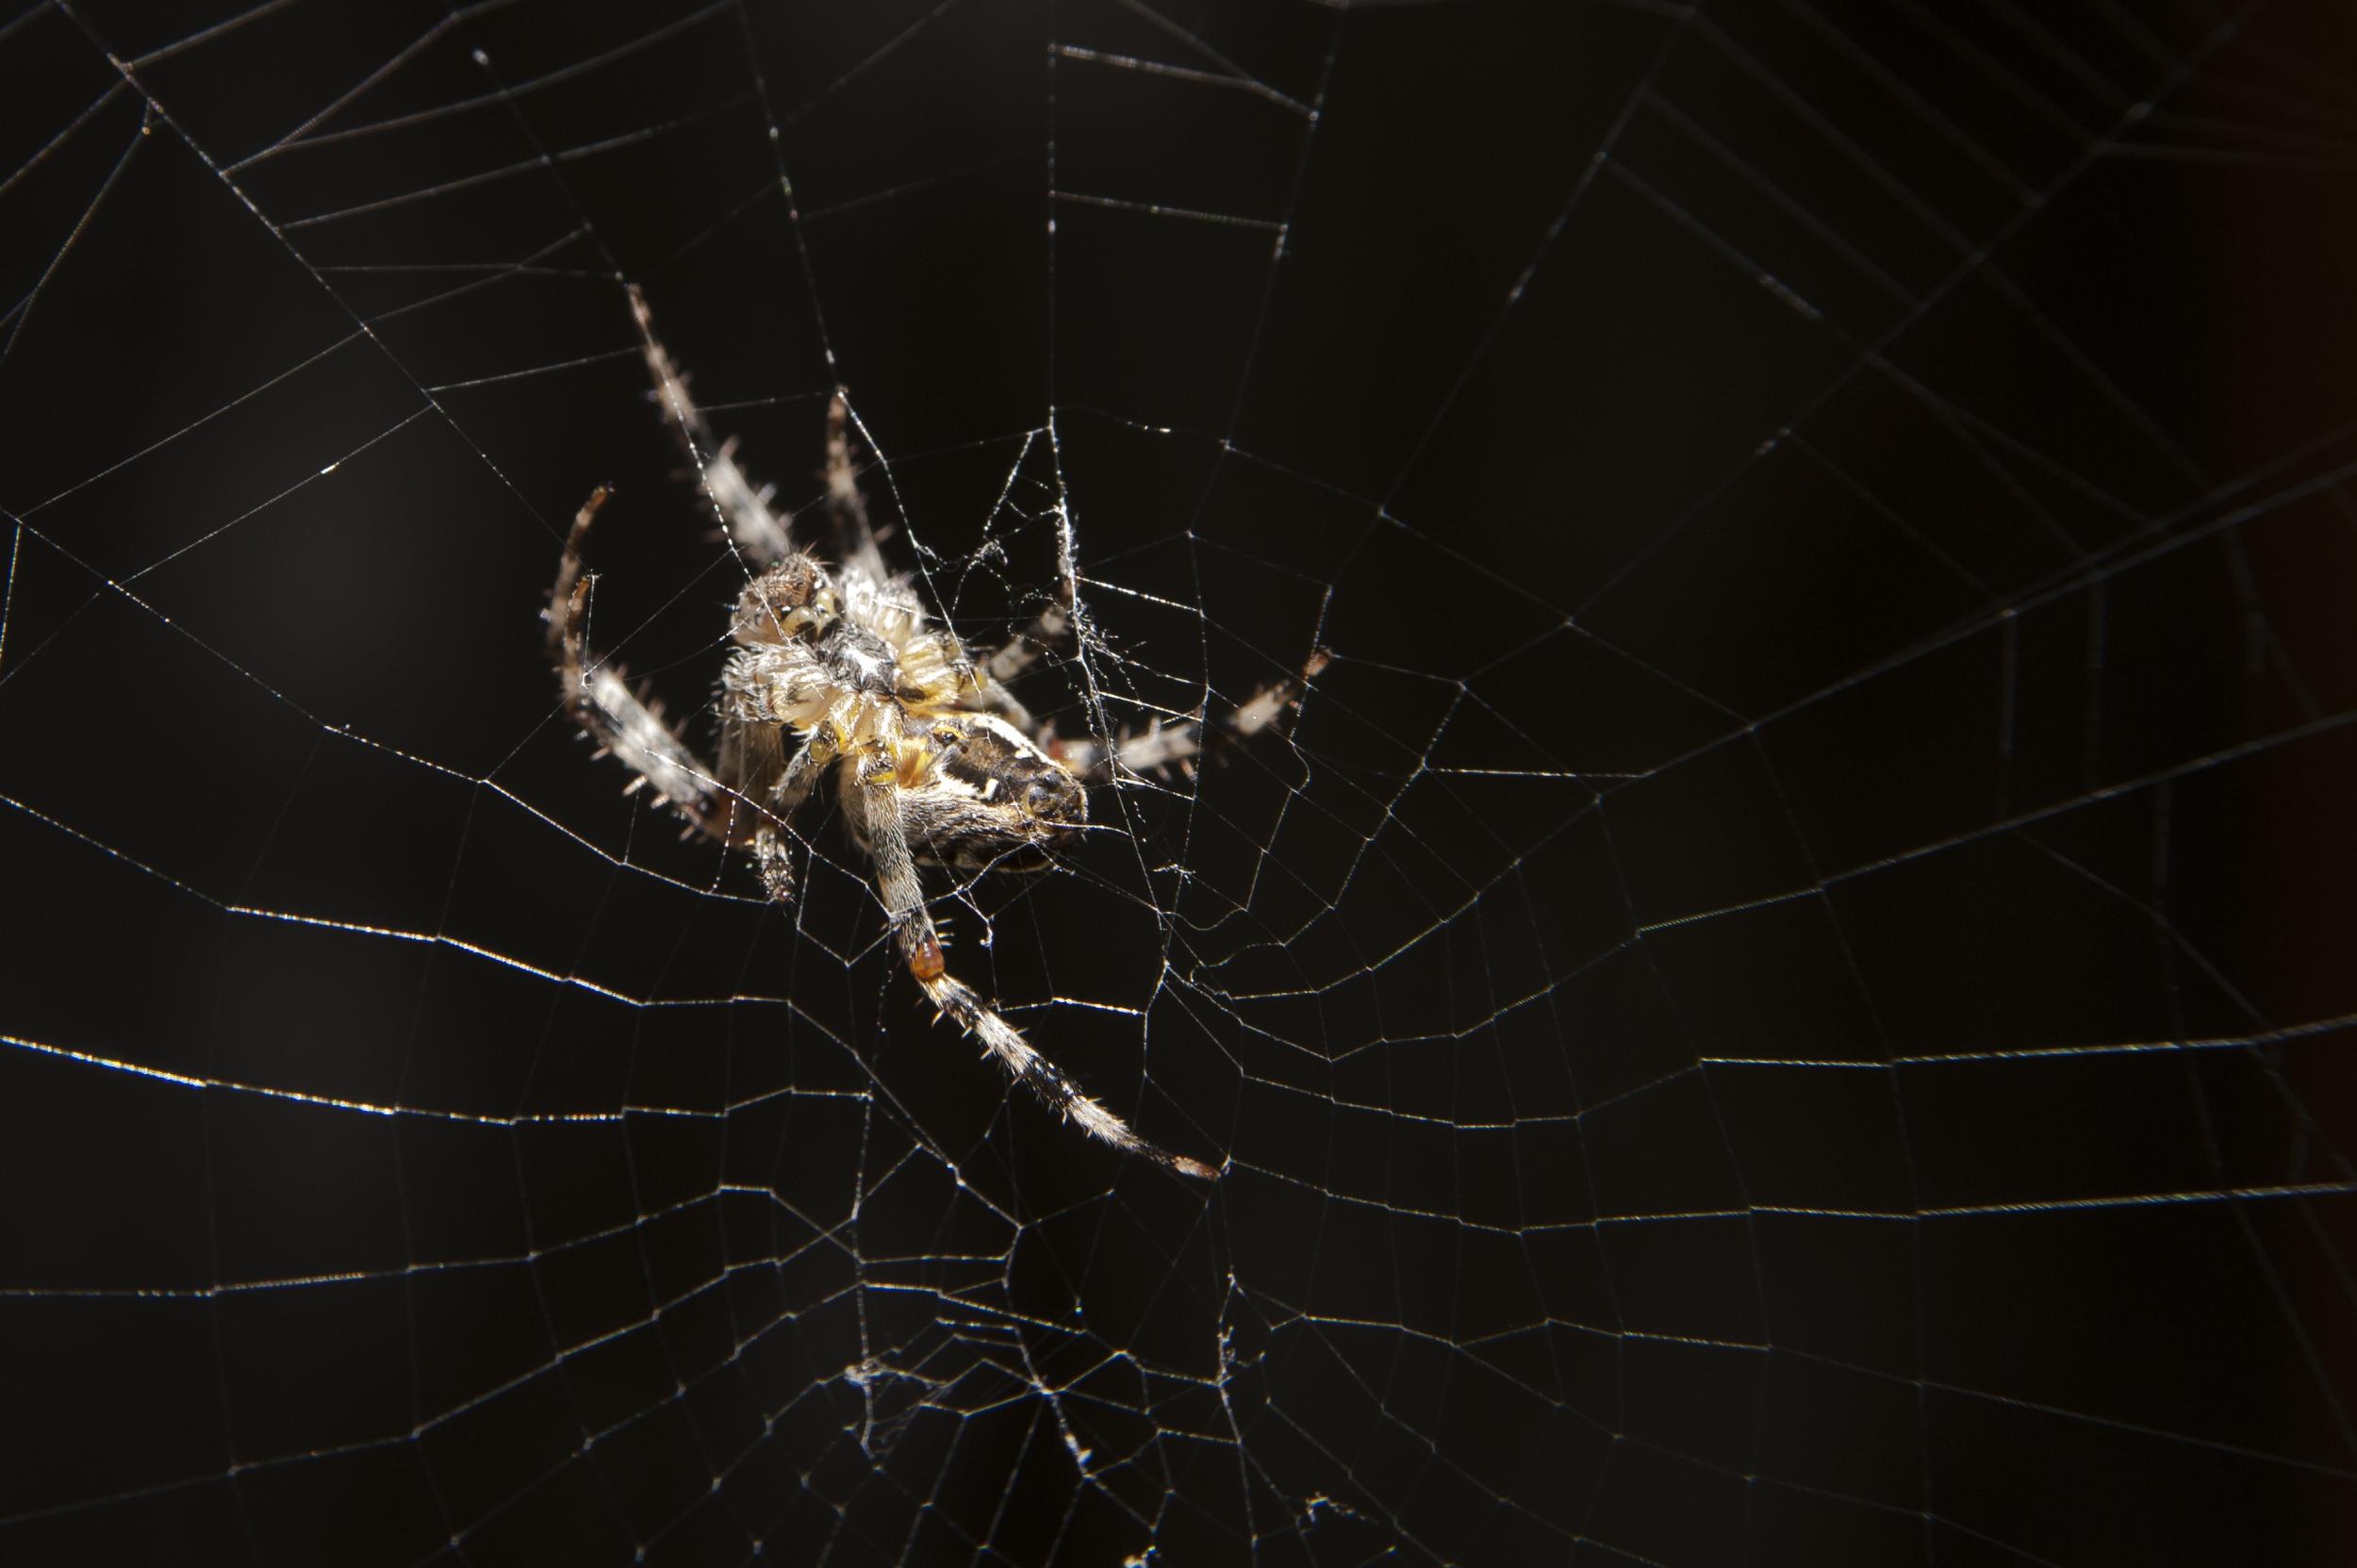 spider 3.jpg